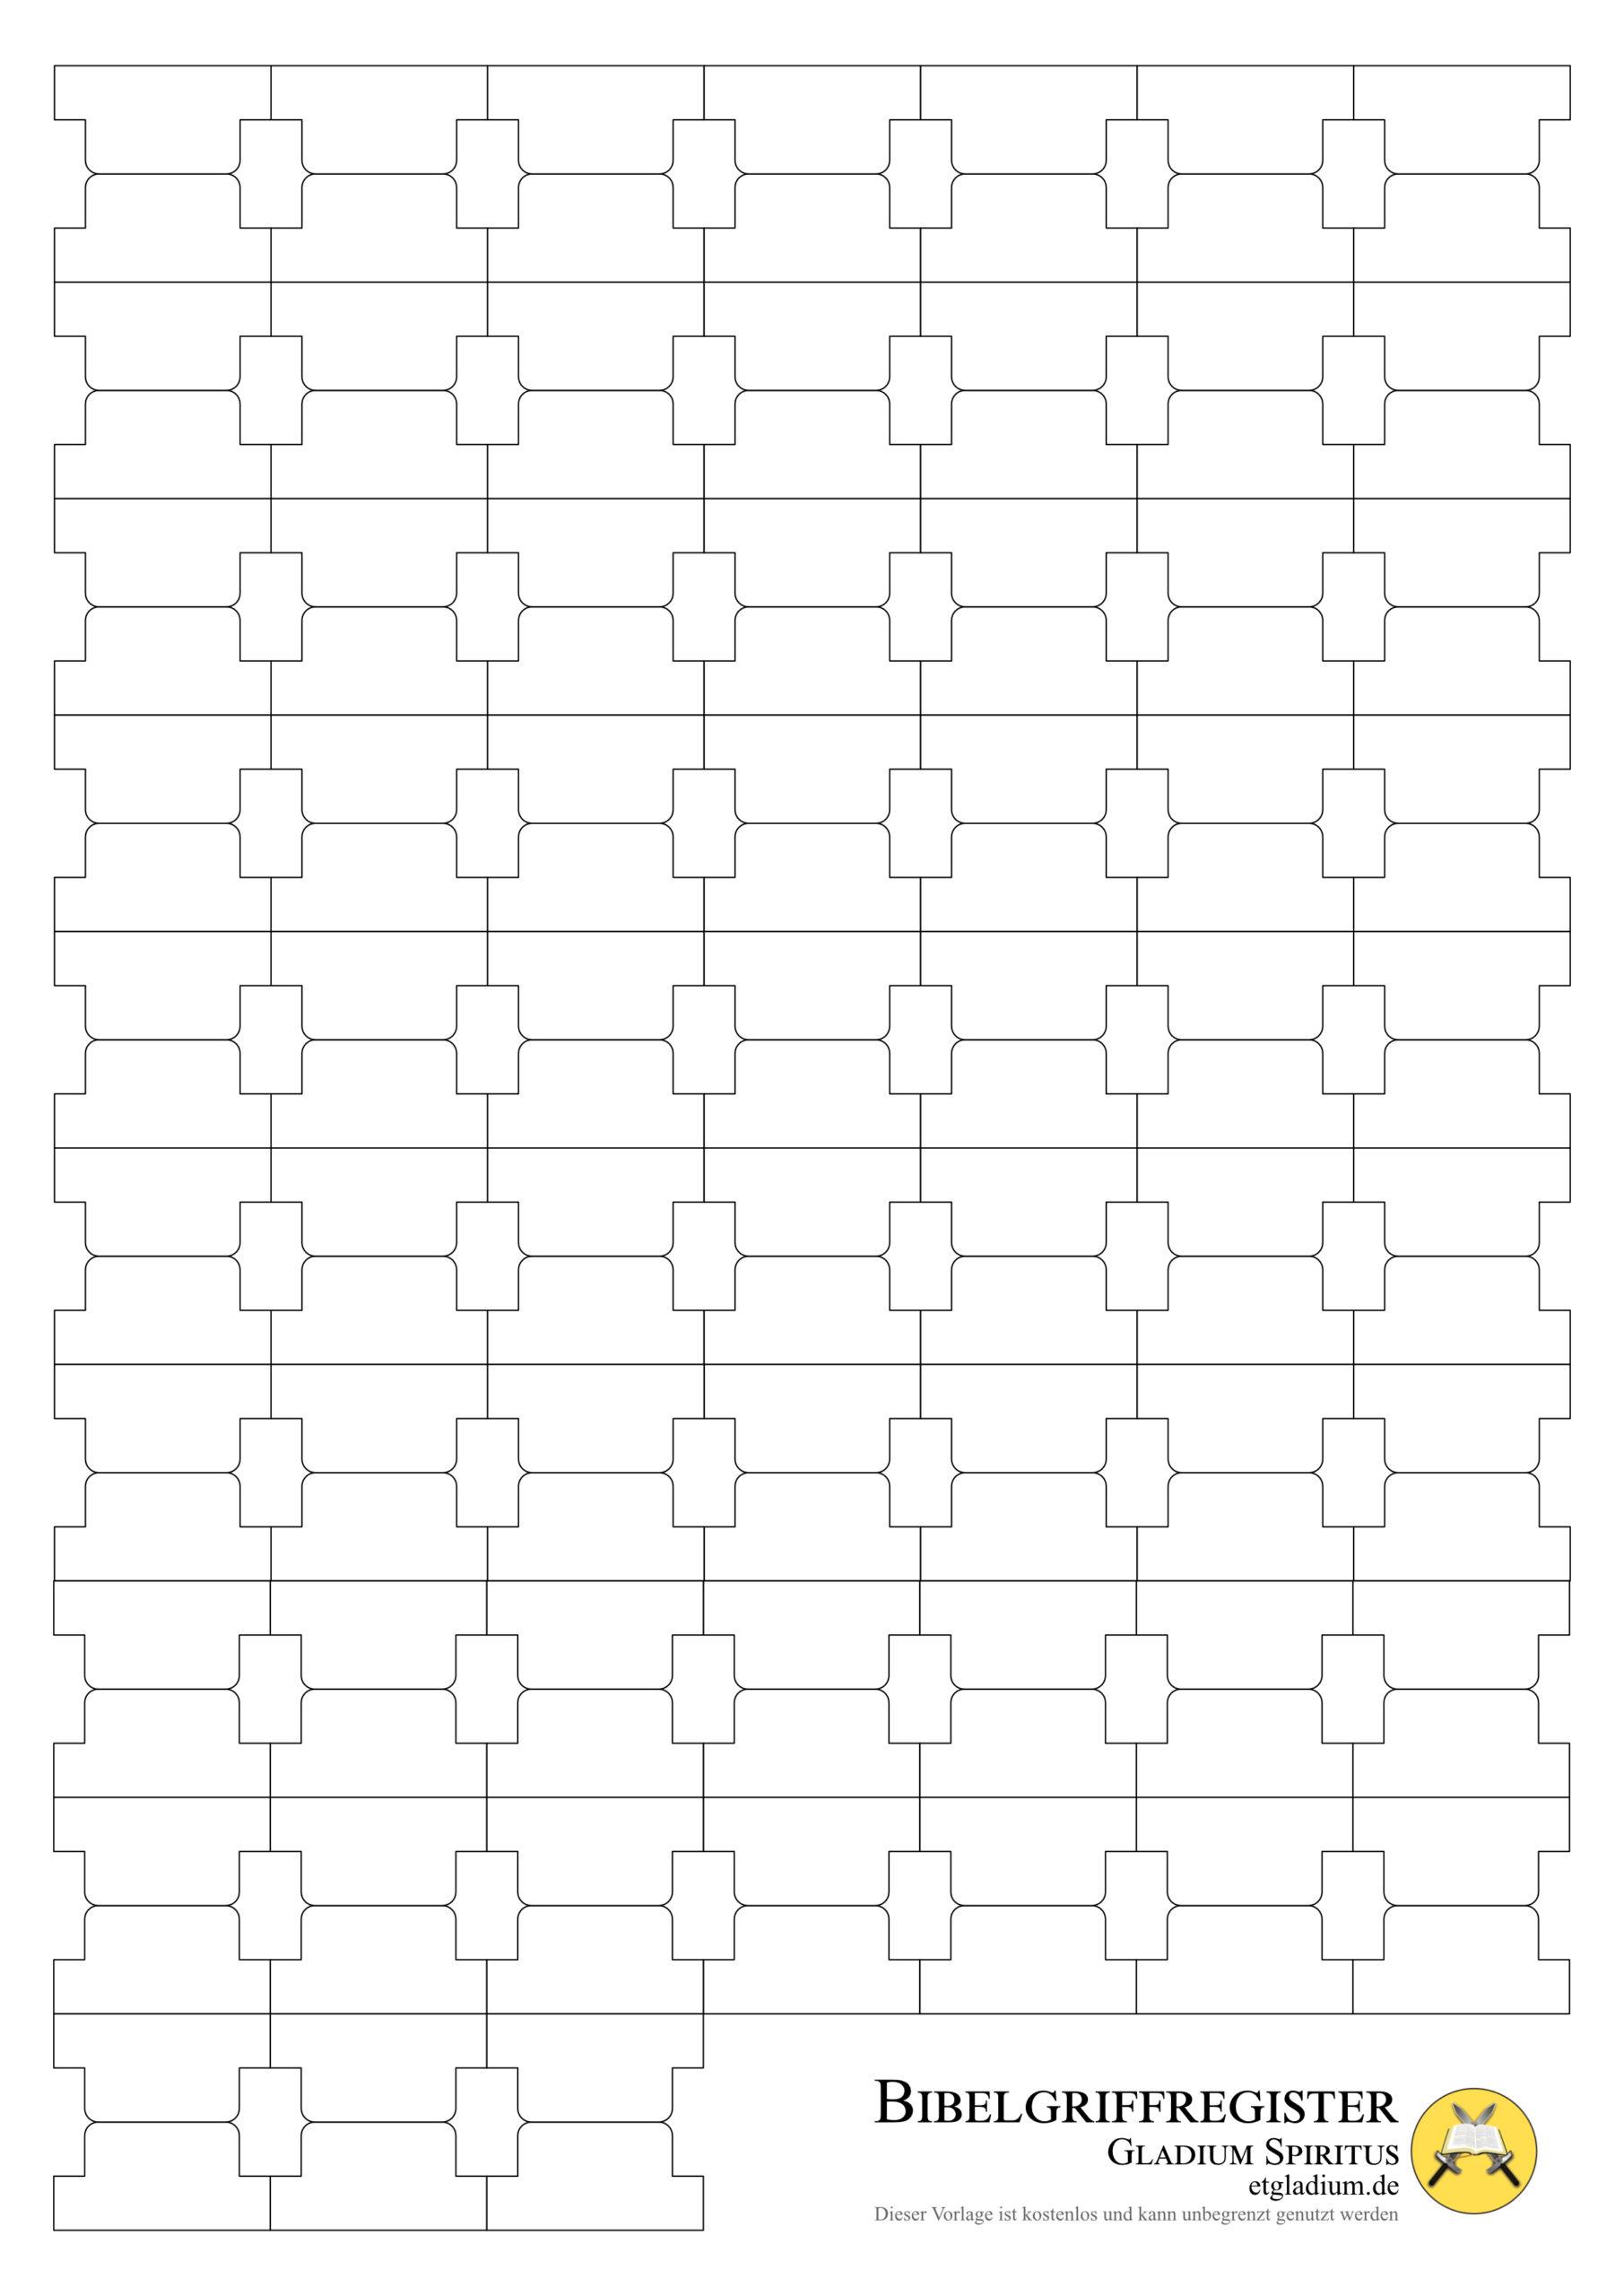 11. Griffregister 5.0 Weiß